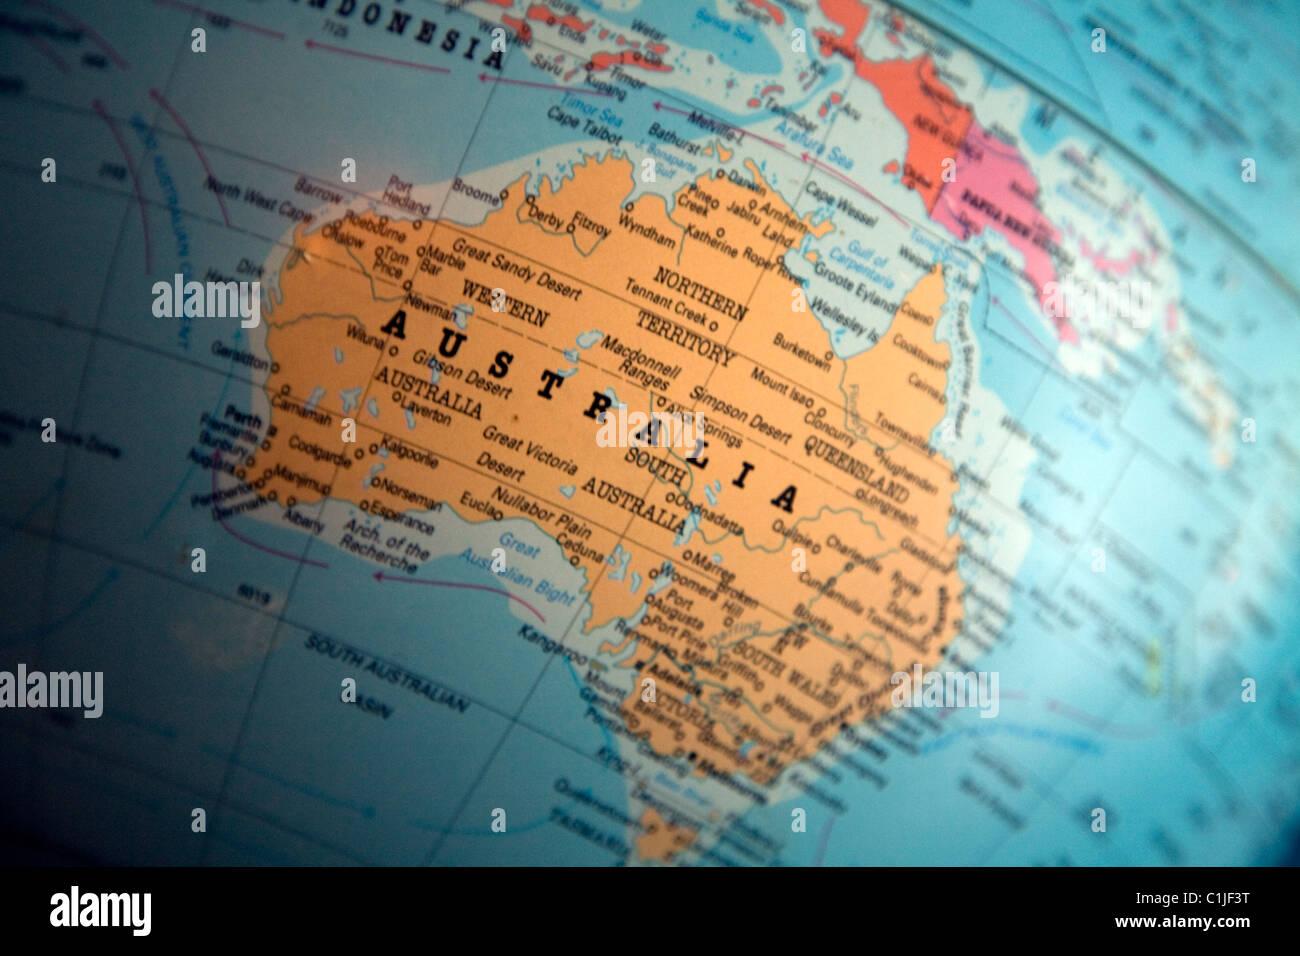 Australia Australasia mappa del globo Immagini Stock